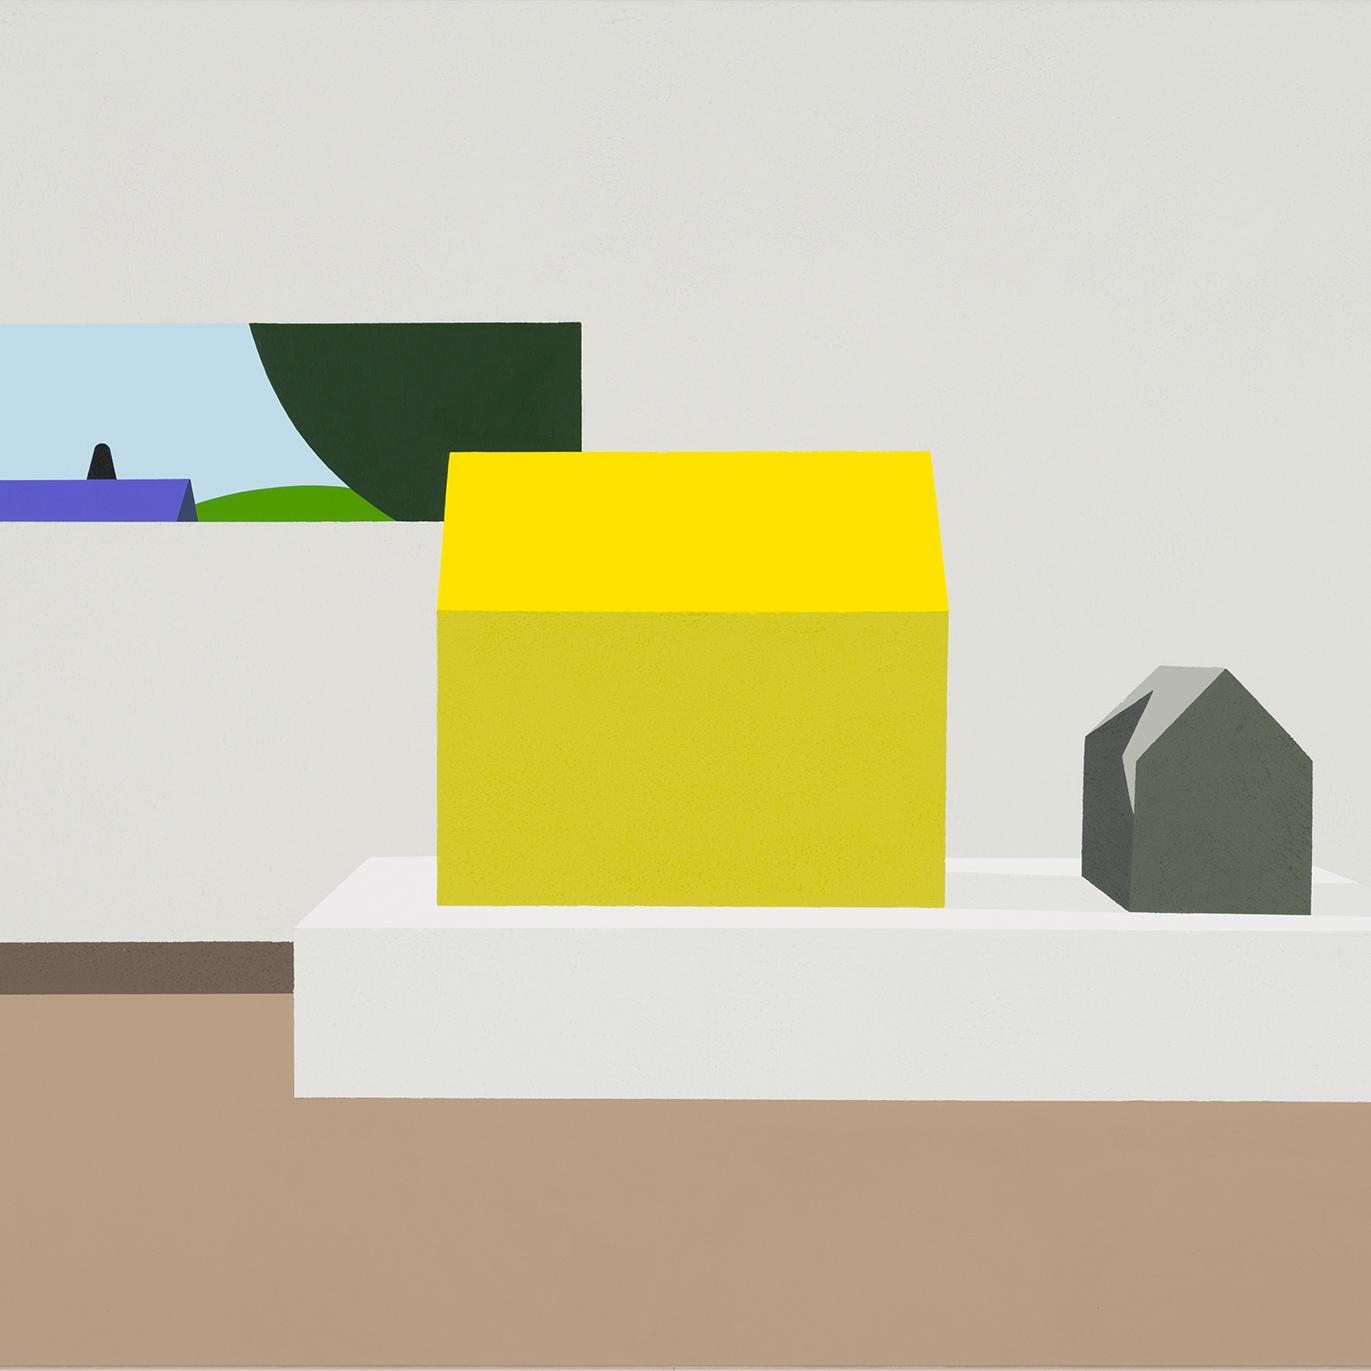 Iku Harada, Tomomi Nishizawa Exhibition: This, and the Other